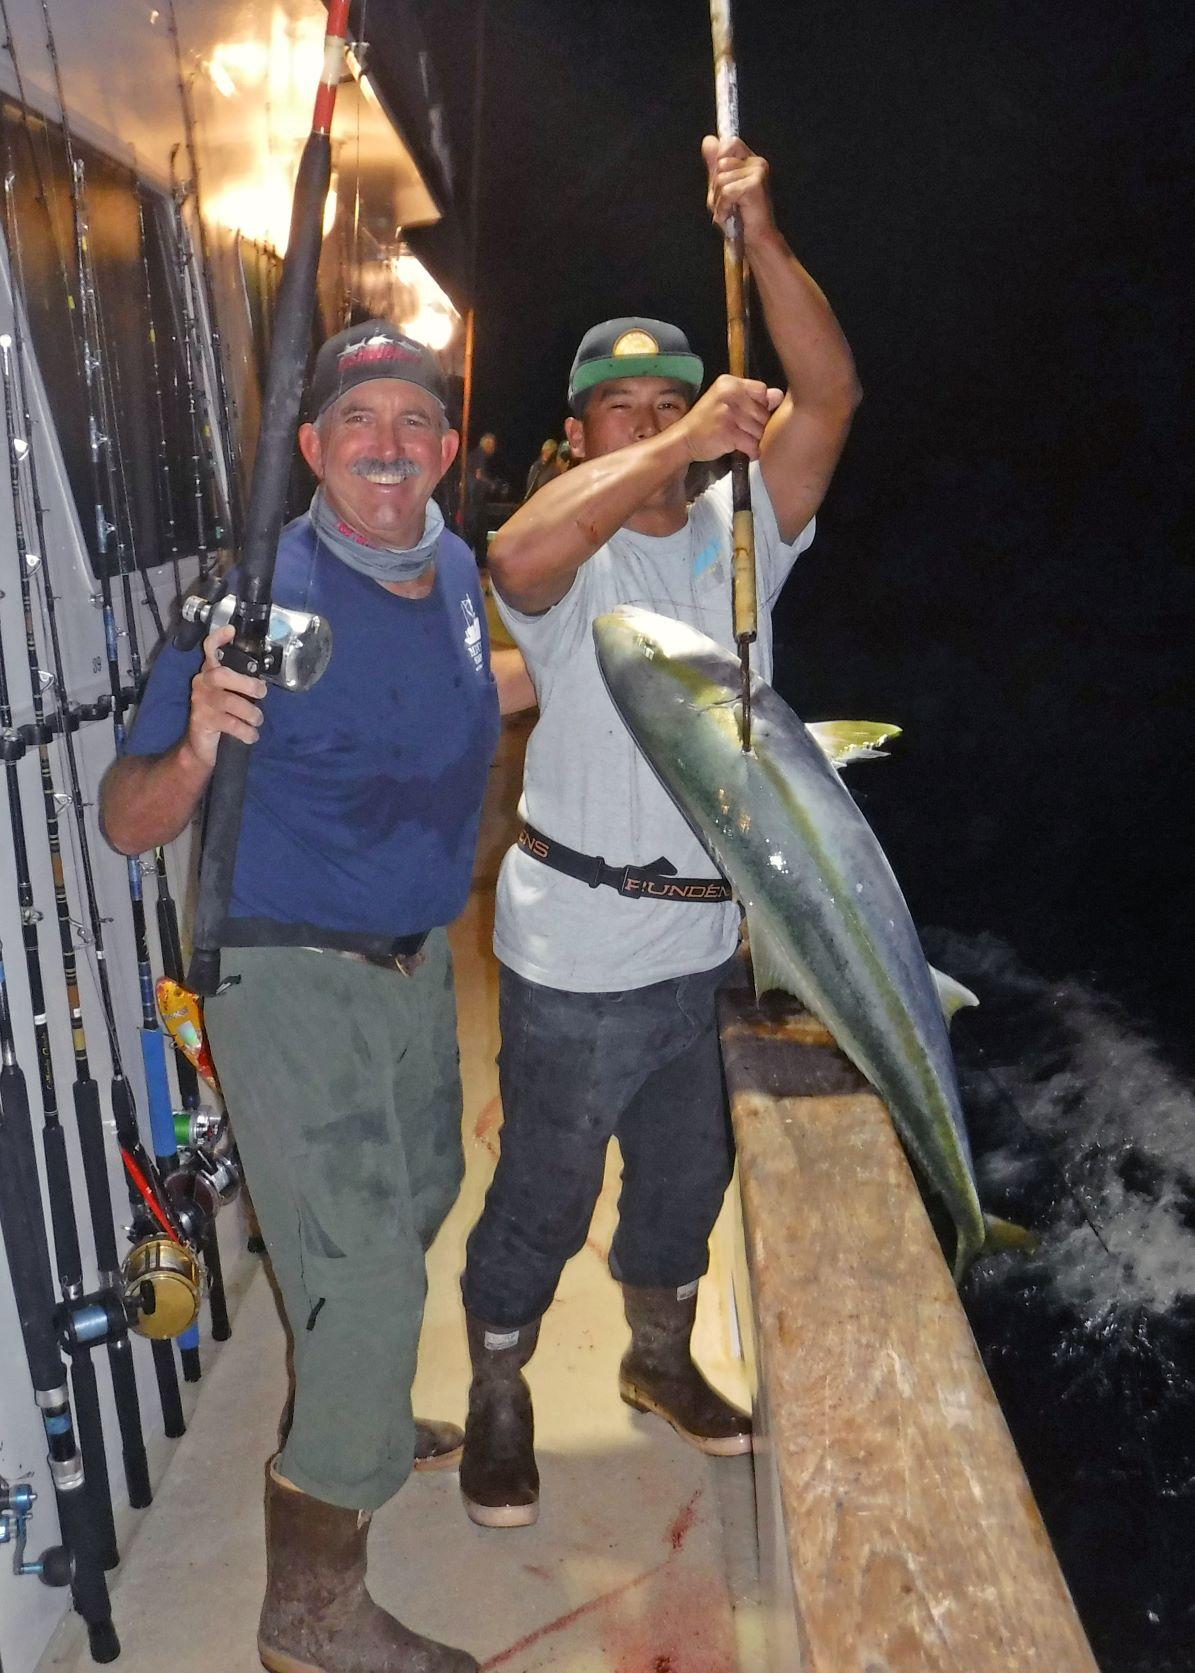 FISH JOHN AND ANTHONY YT ON GAFF DSCF7364.JPG